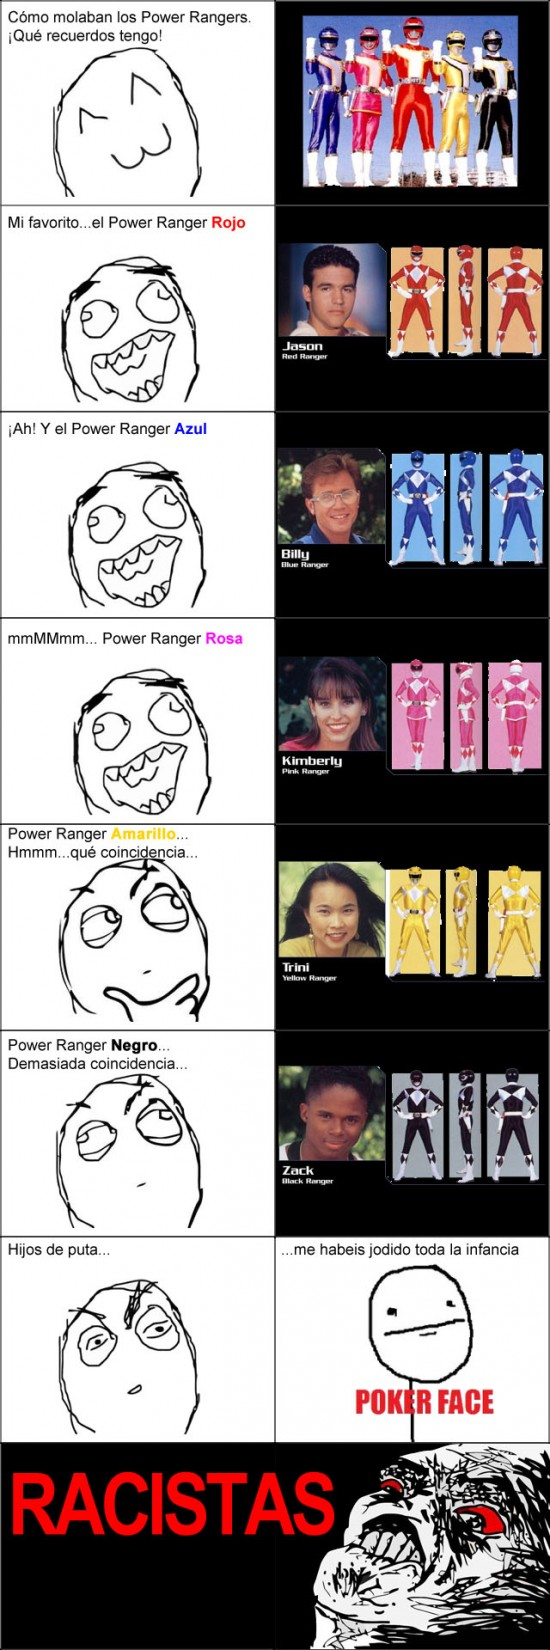 Inglip - Los colores de los Power Rangers